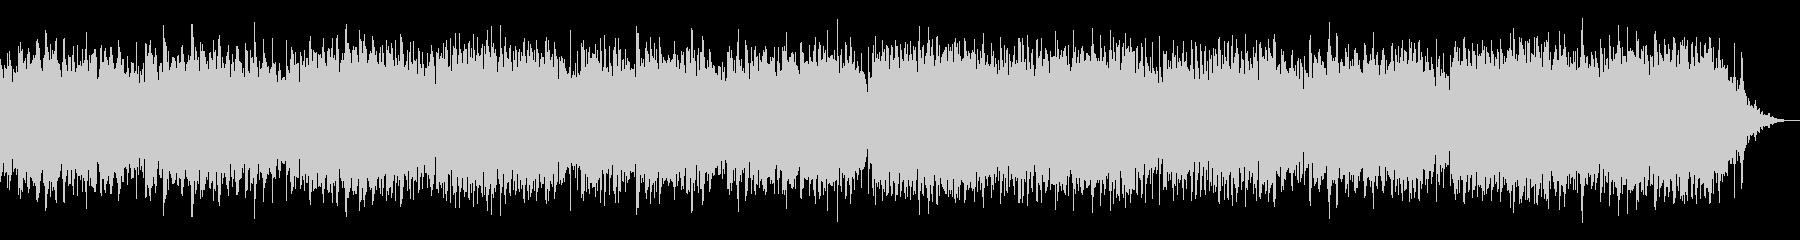 メルヘン的な淡いシンセサイザーBGMの未再生の波形